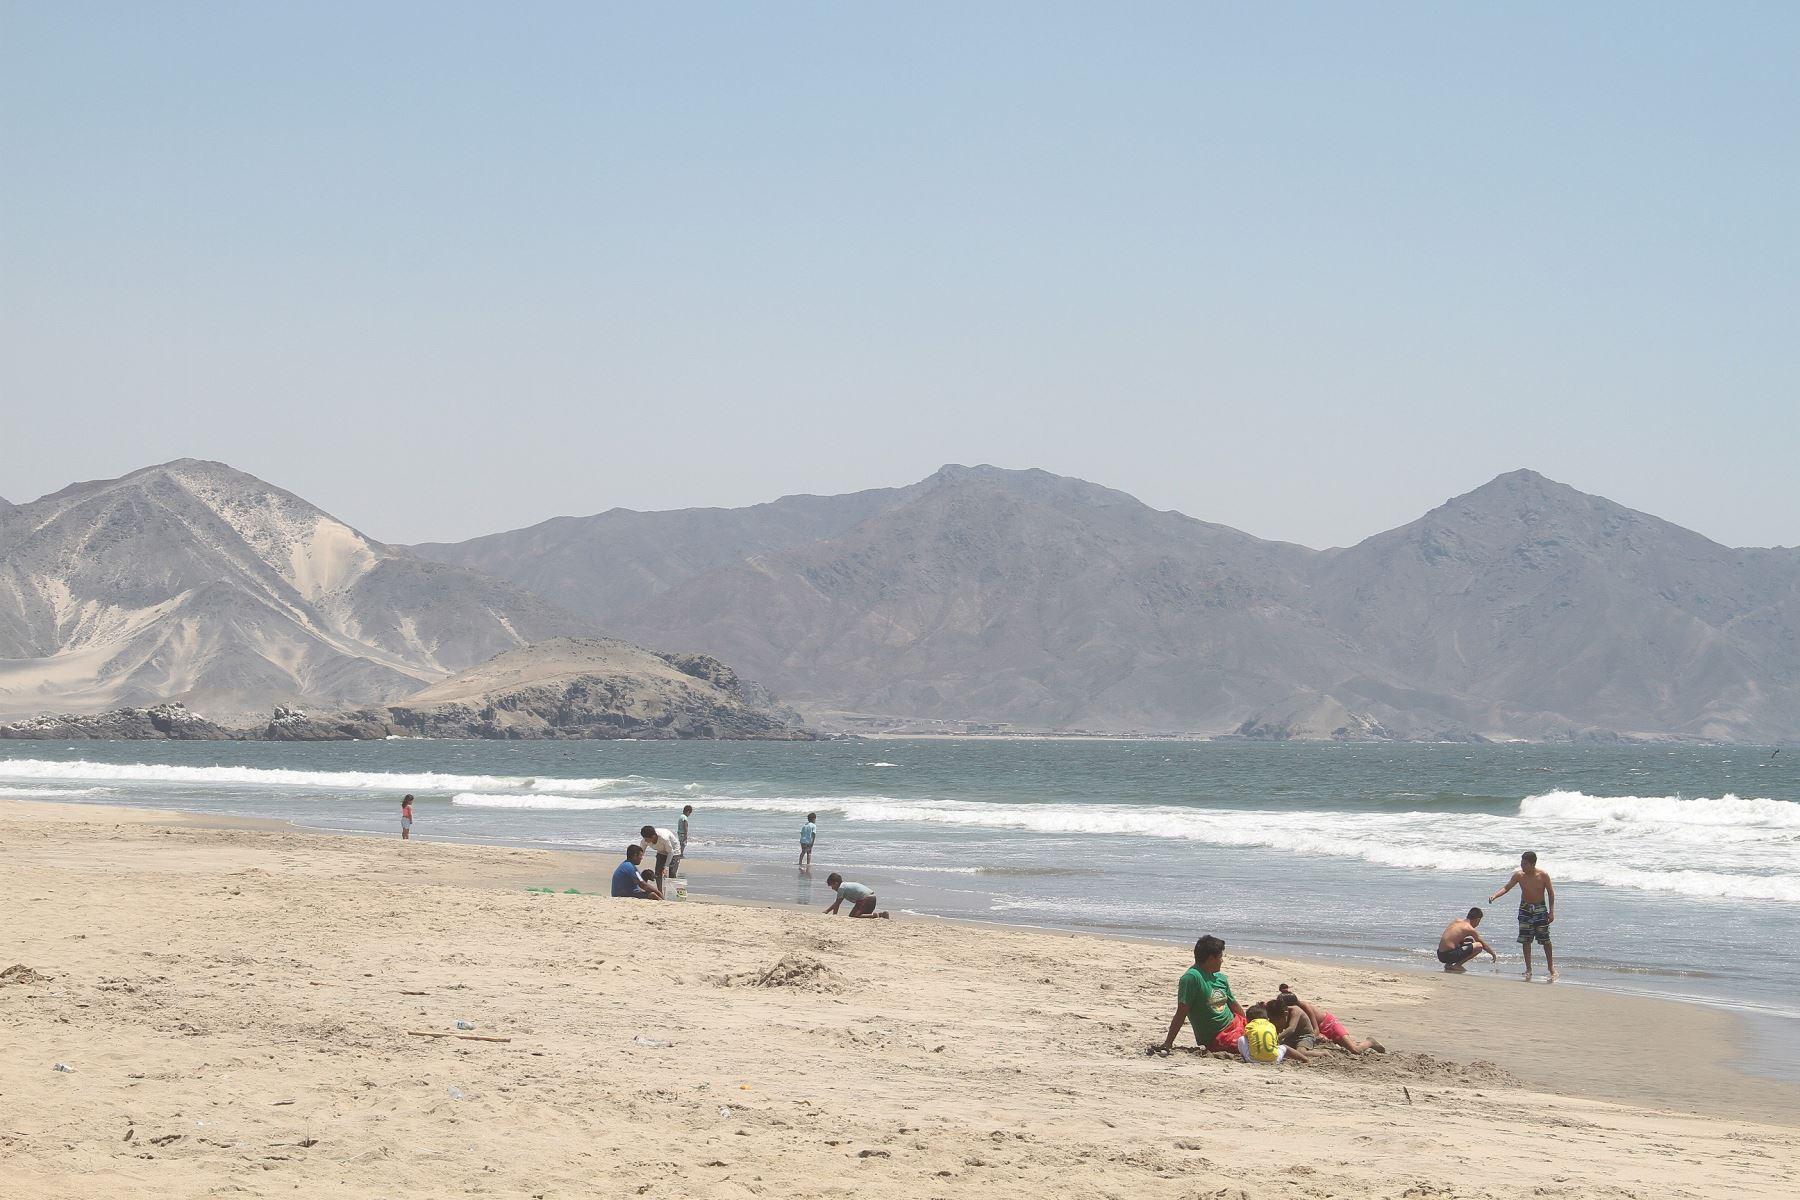 Las playas de Tuquillo, en la provincia de Huarmey, tienen aguas cristalinas y azuladas.